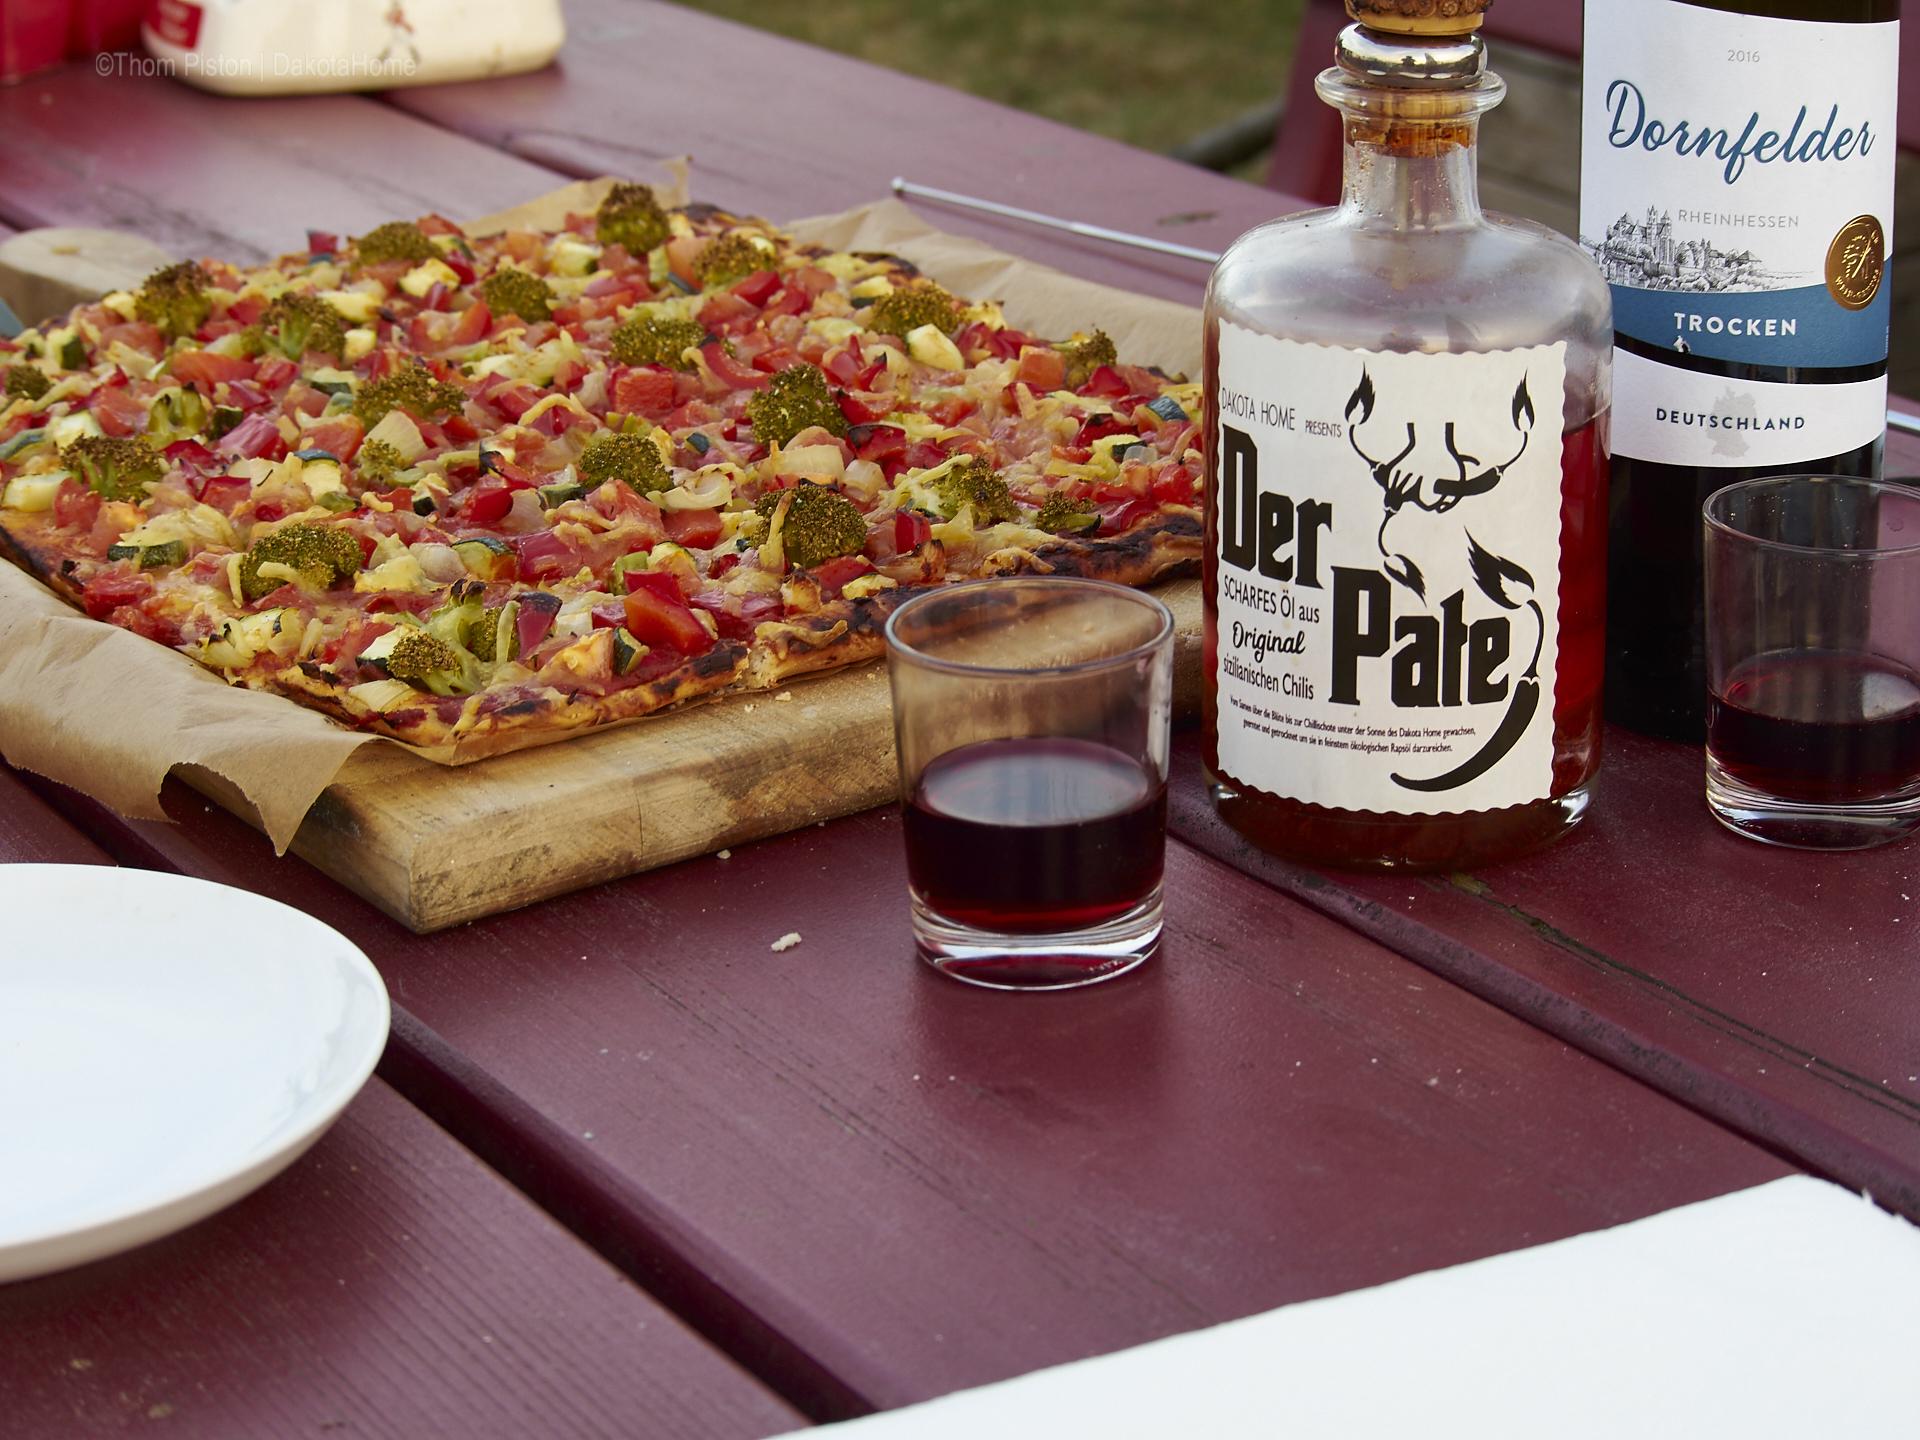 Pizza at Dakota Home